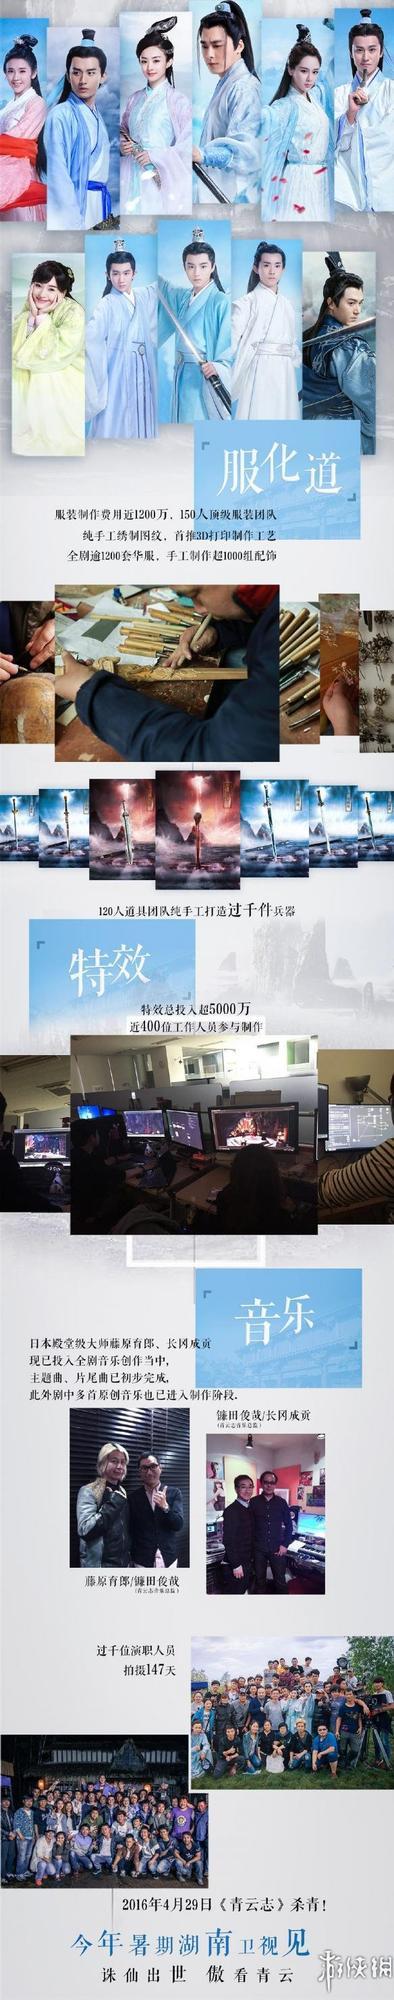 《诛仙青云志》电视剧杀青 今年暑假上映